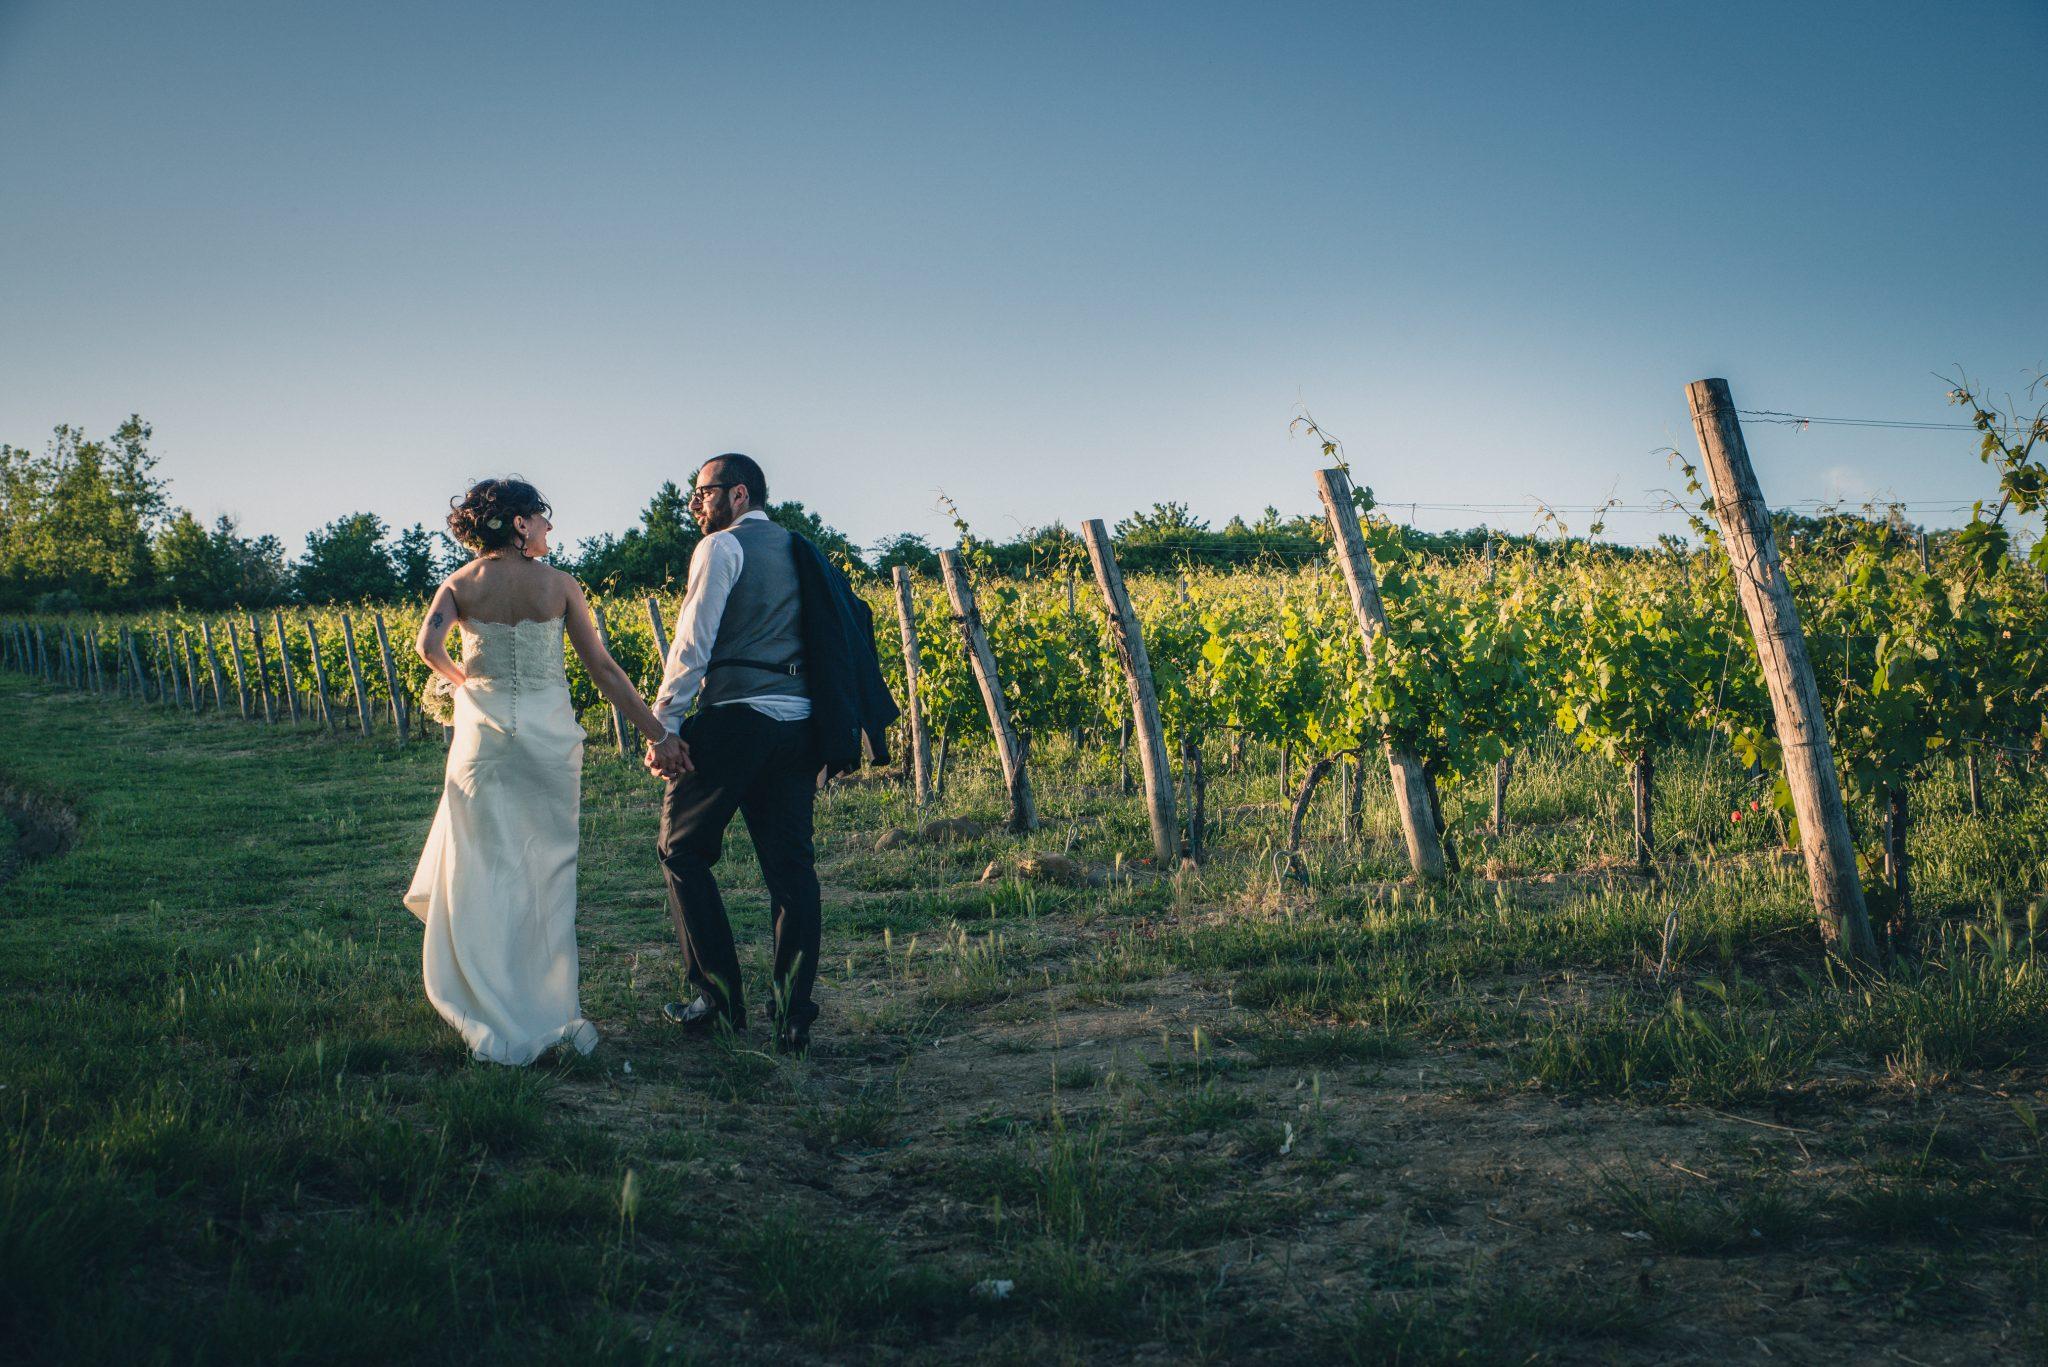 Sposi in cammino nelle vigne al tramonto